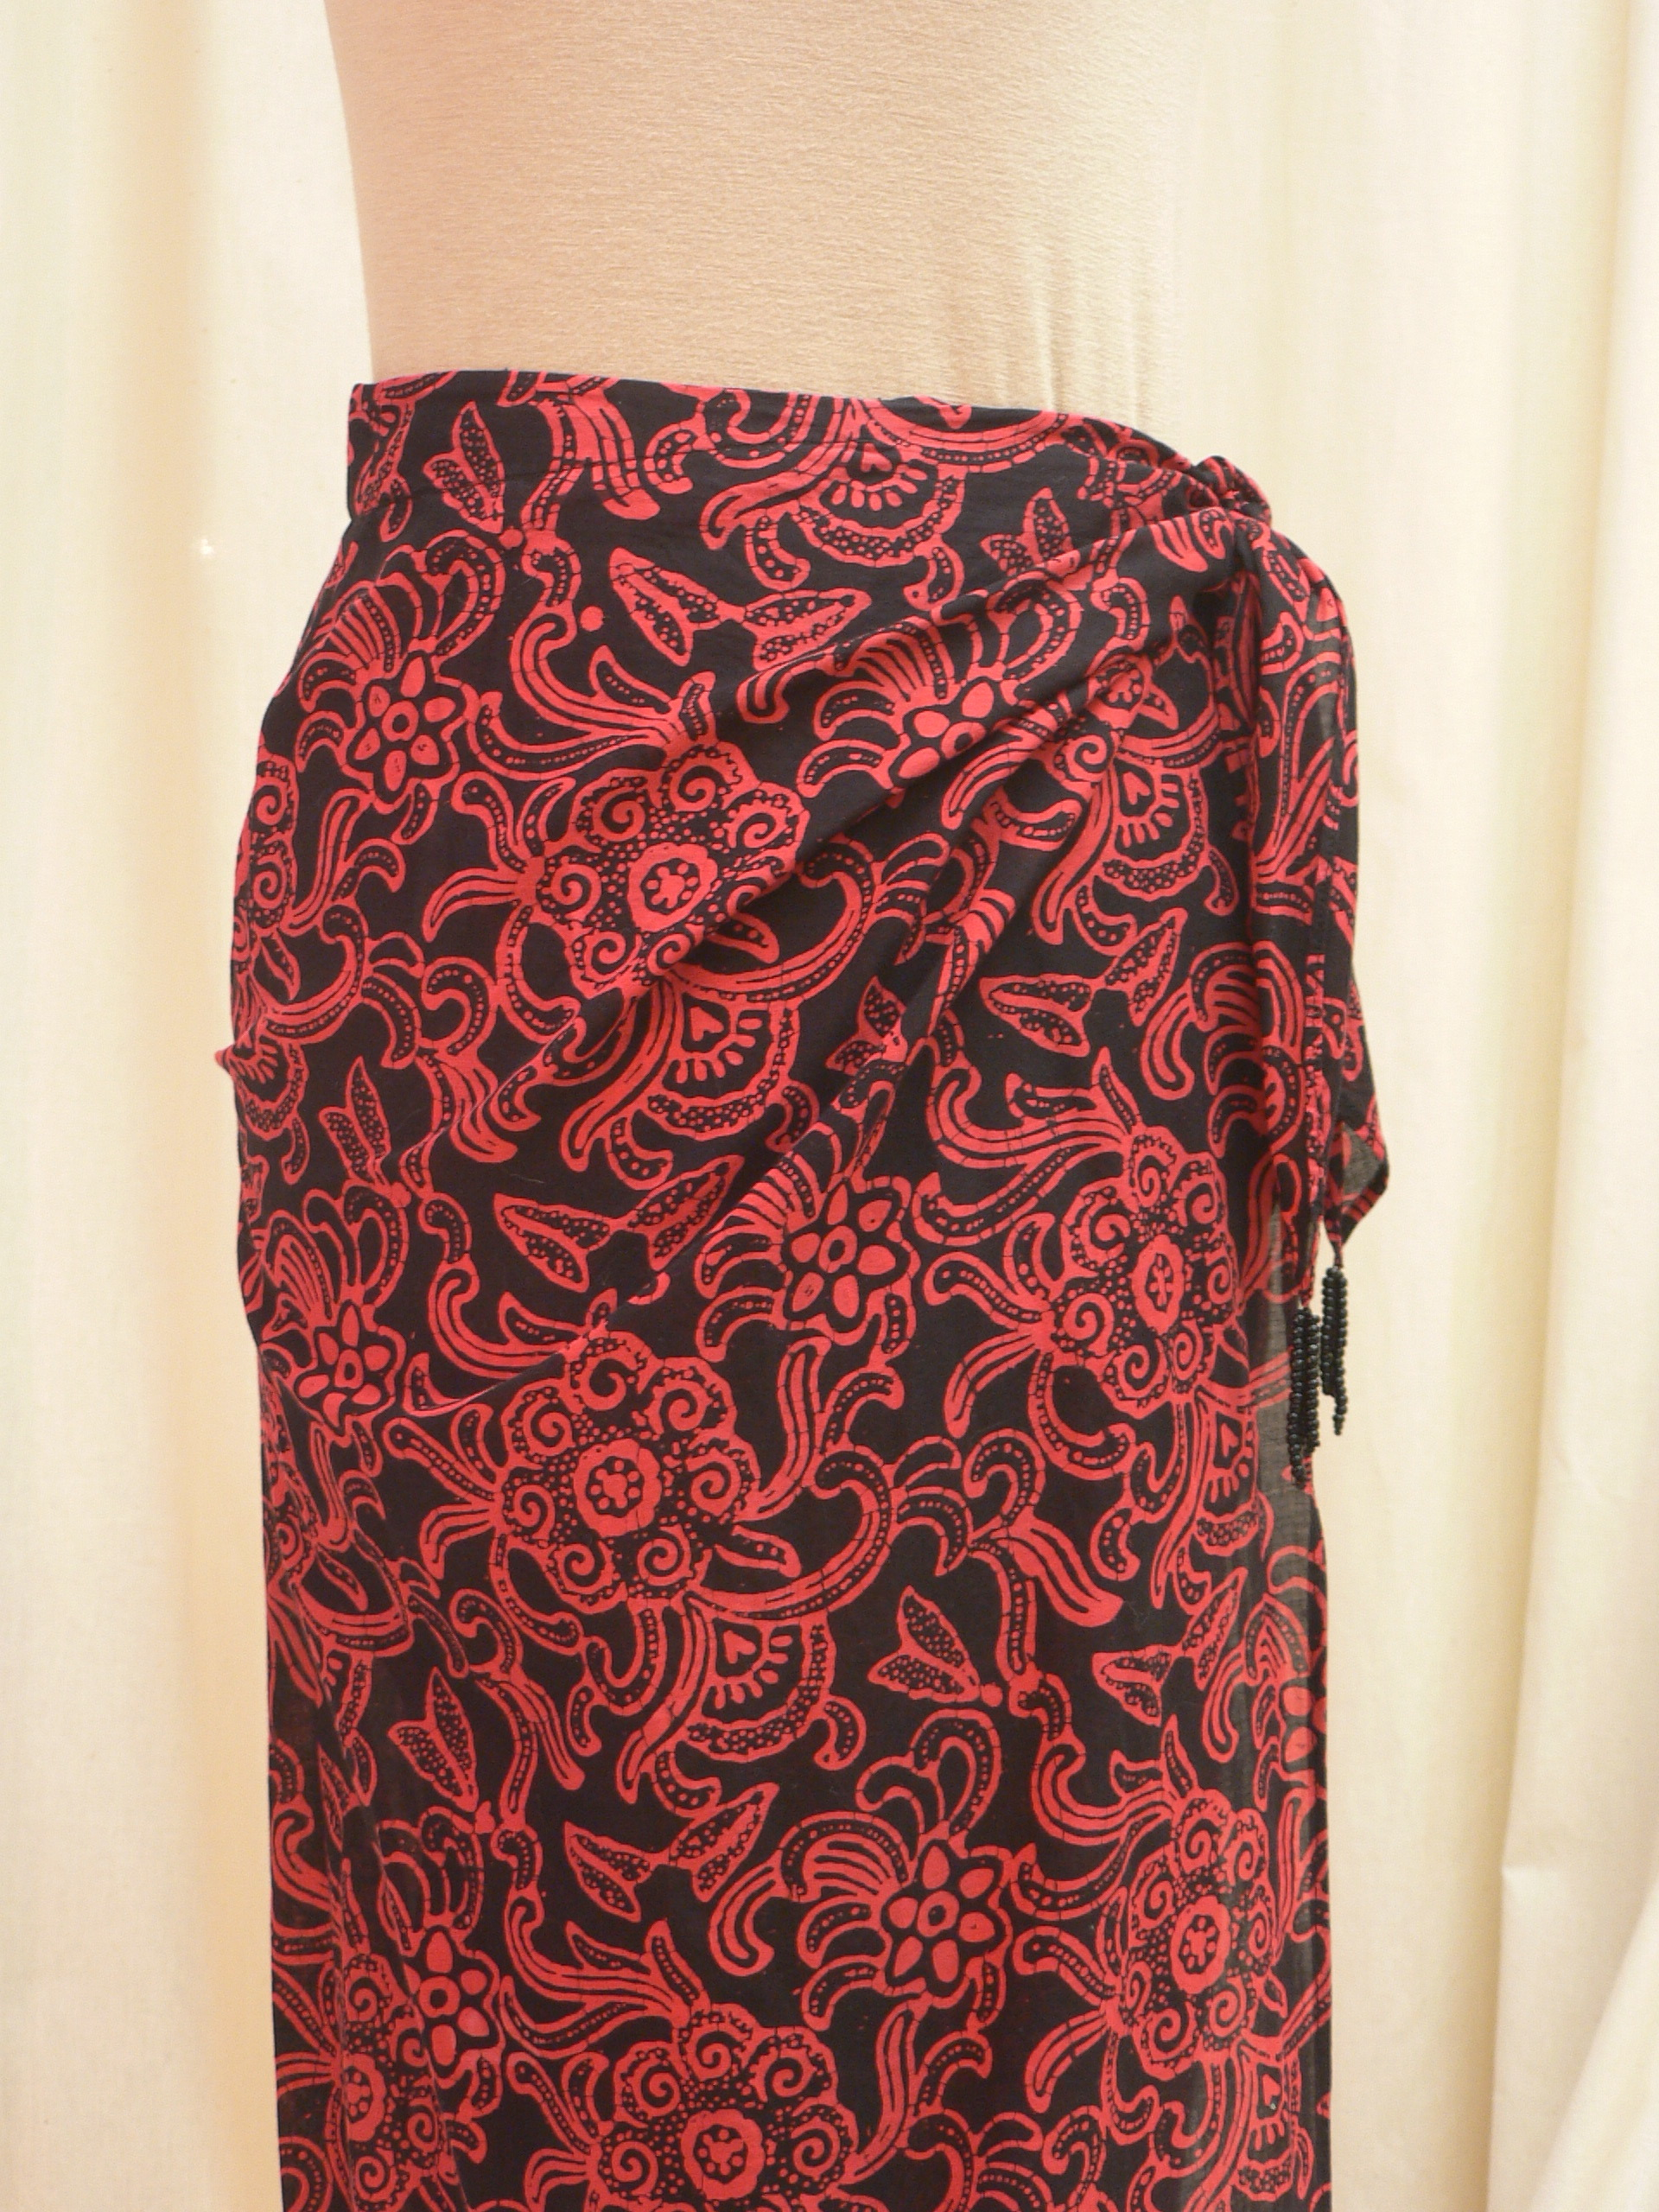 skirt01_front_detail.JPG